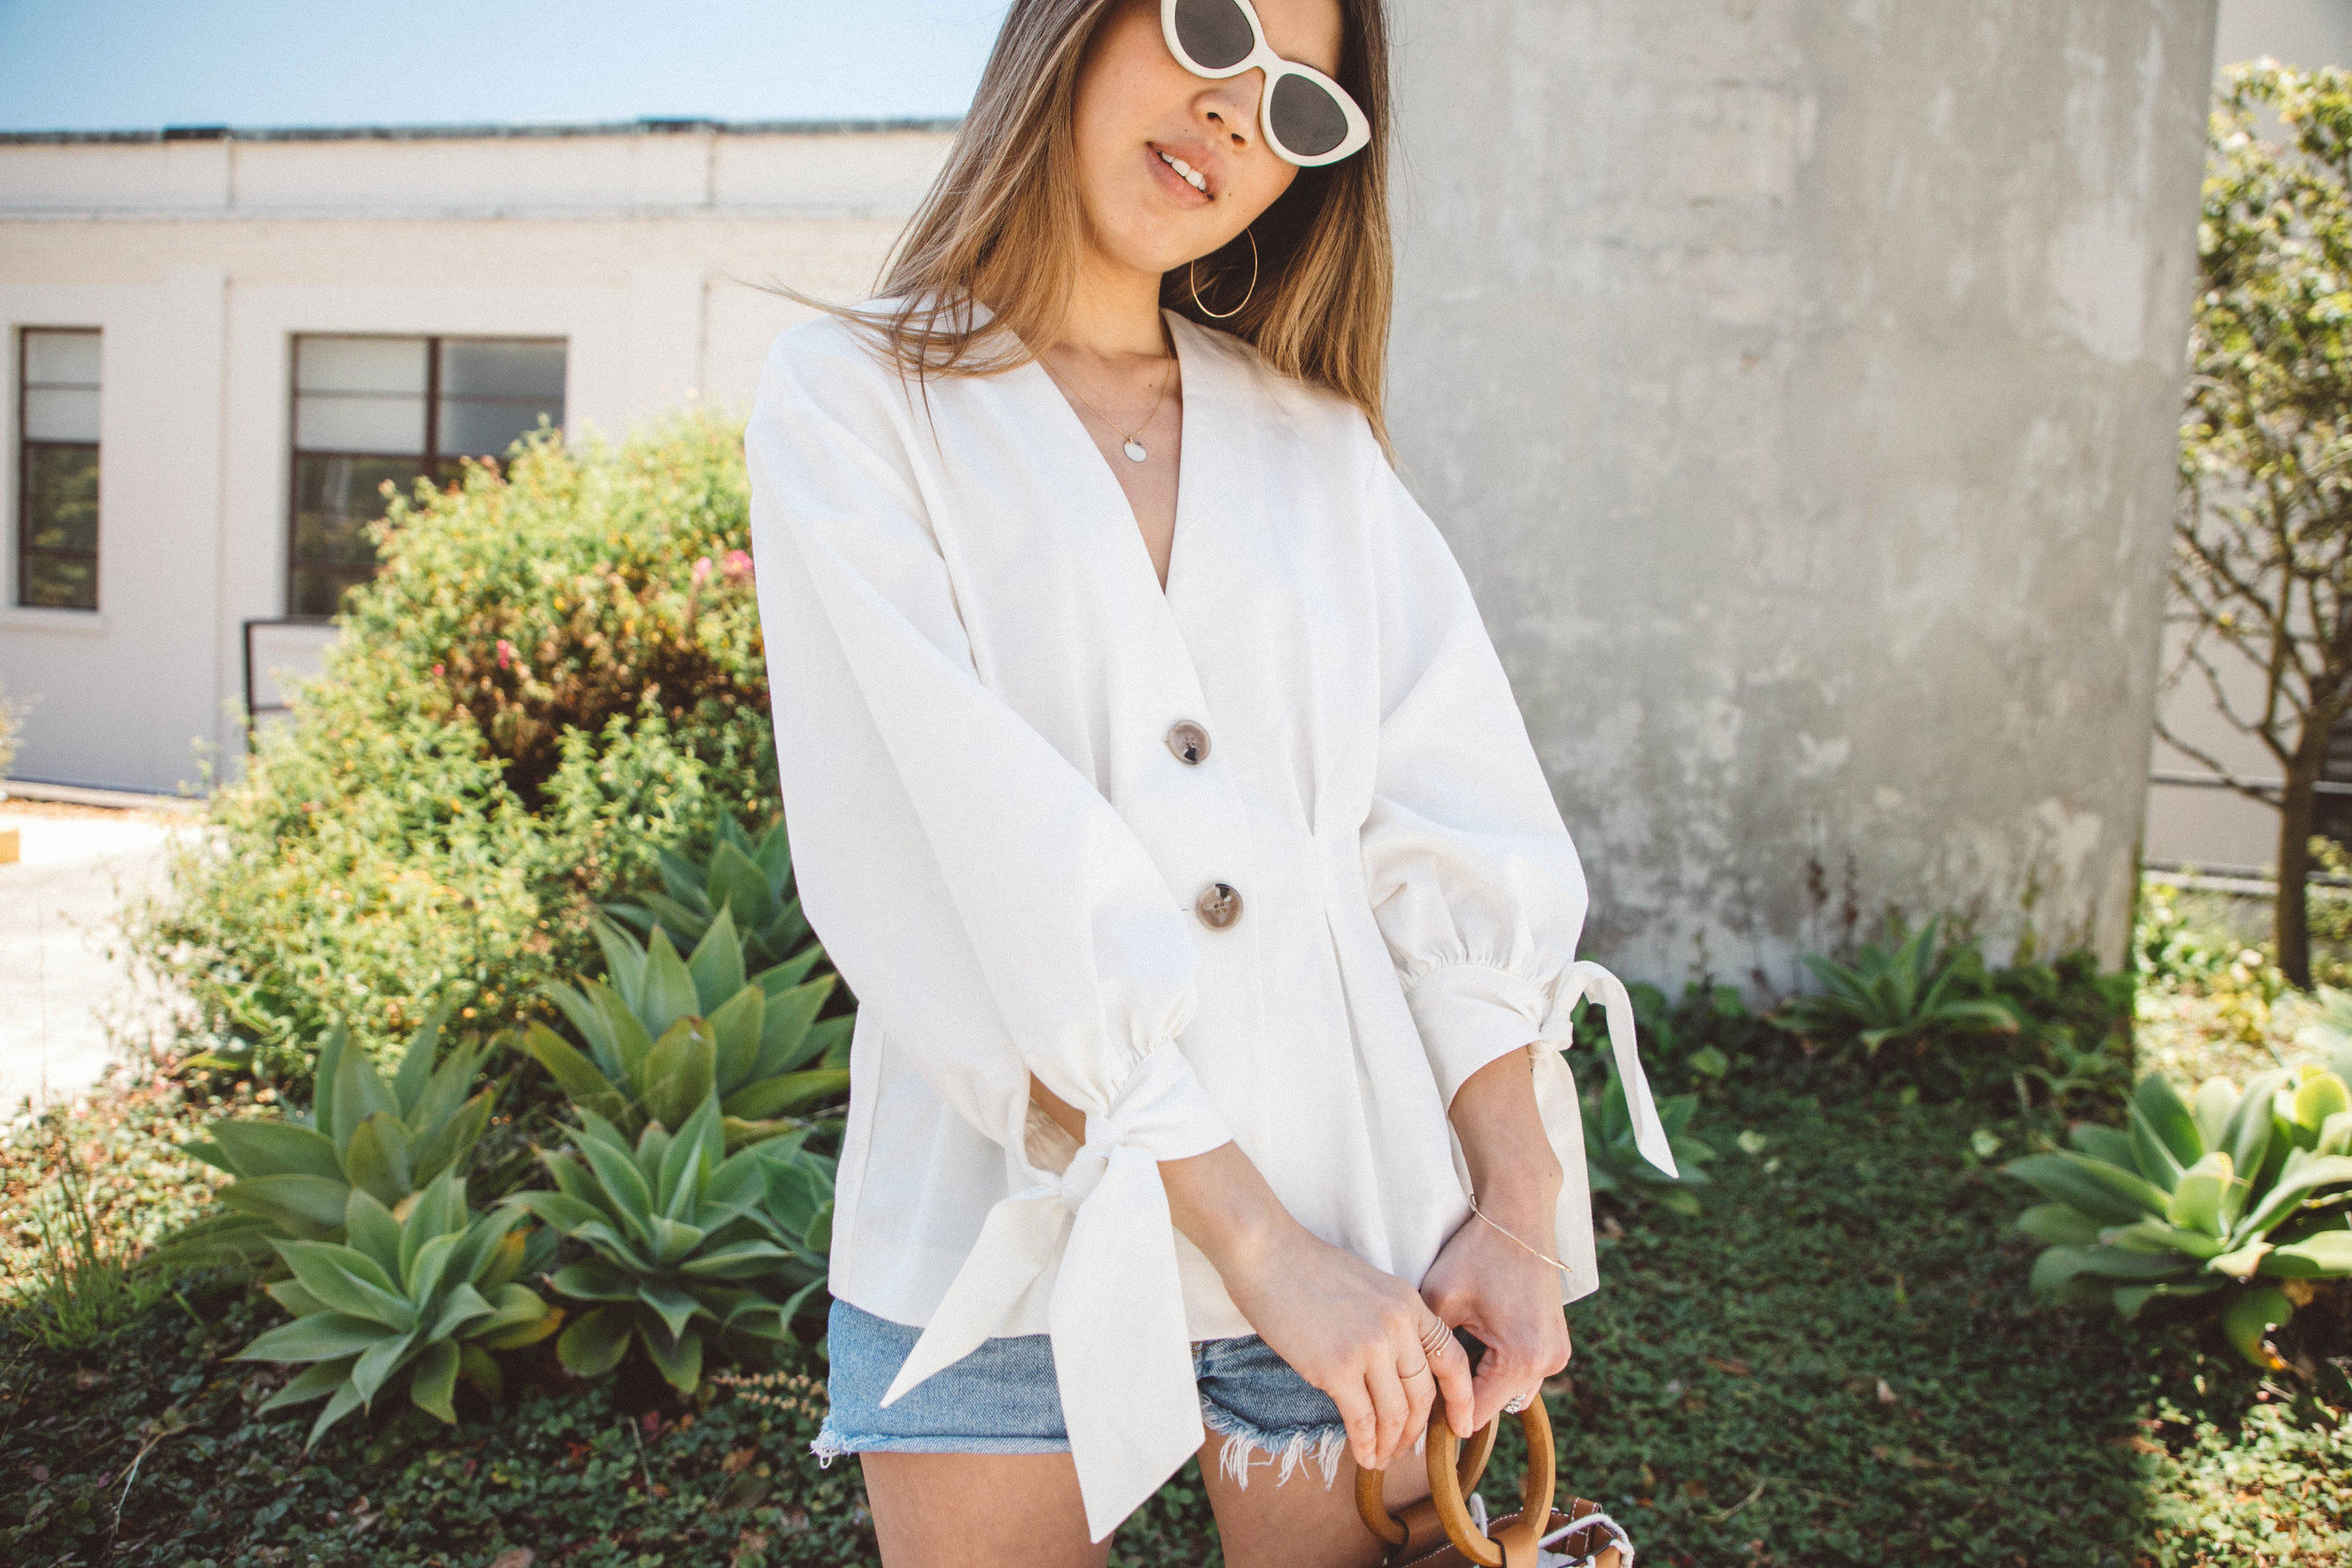 chic-white-button-top.jpg